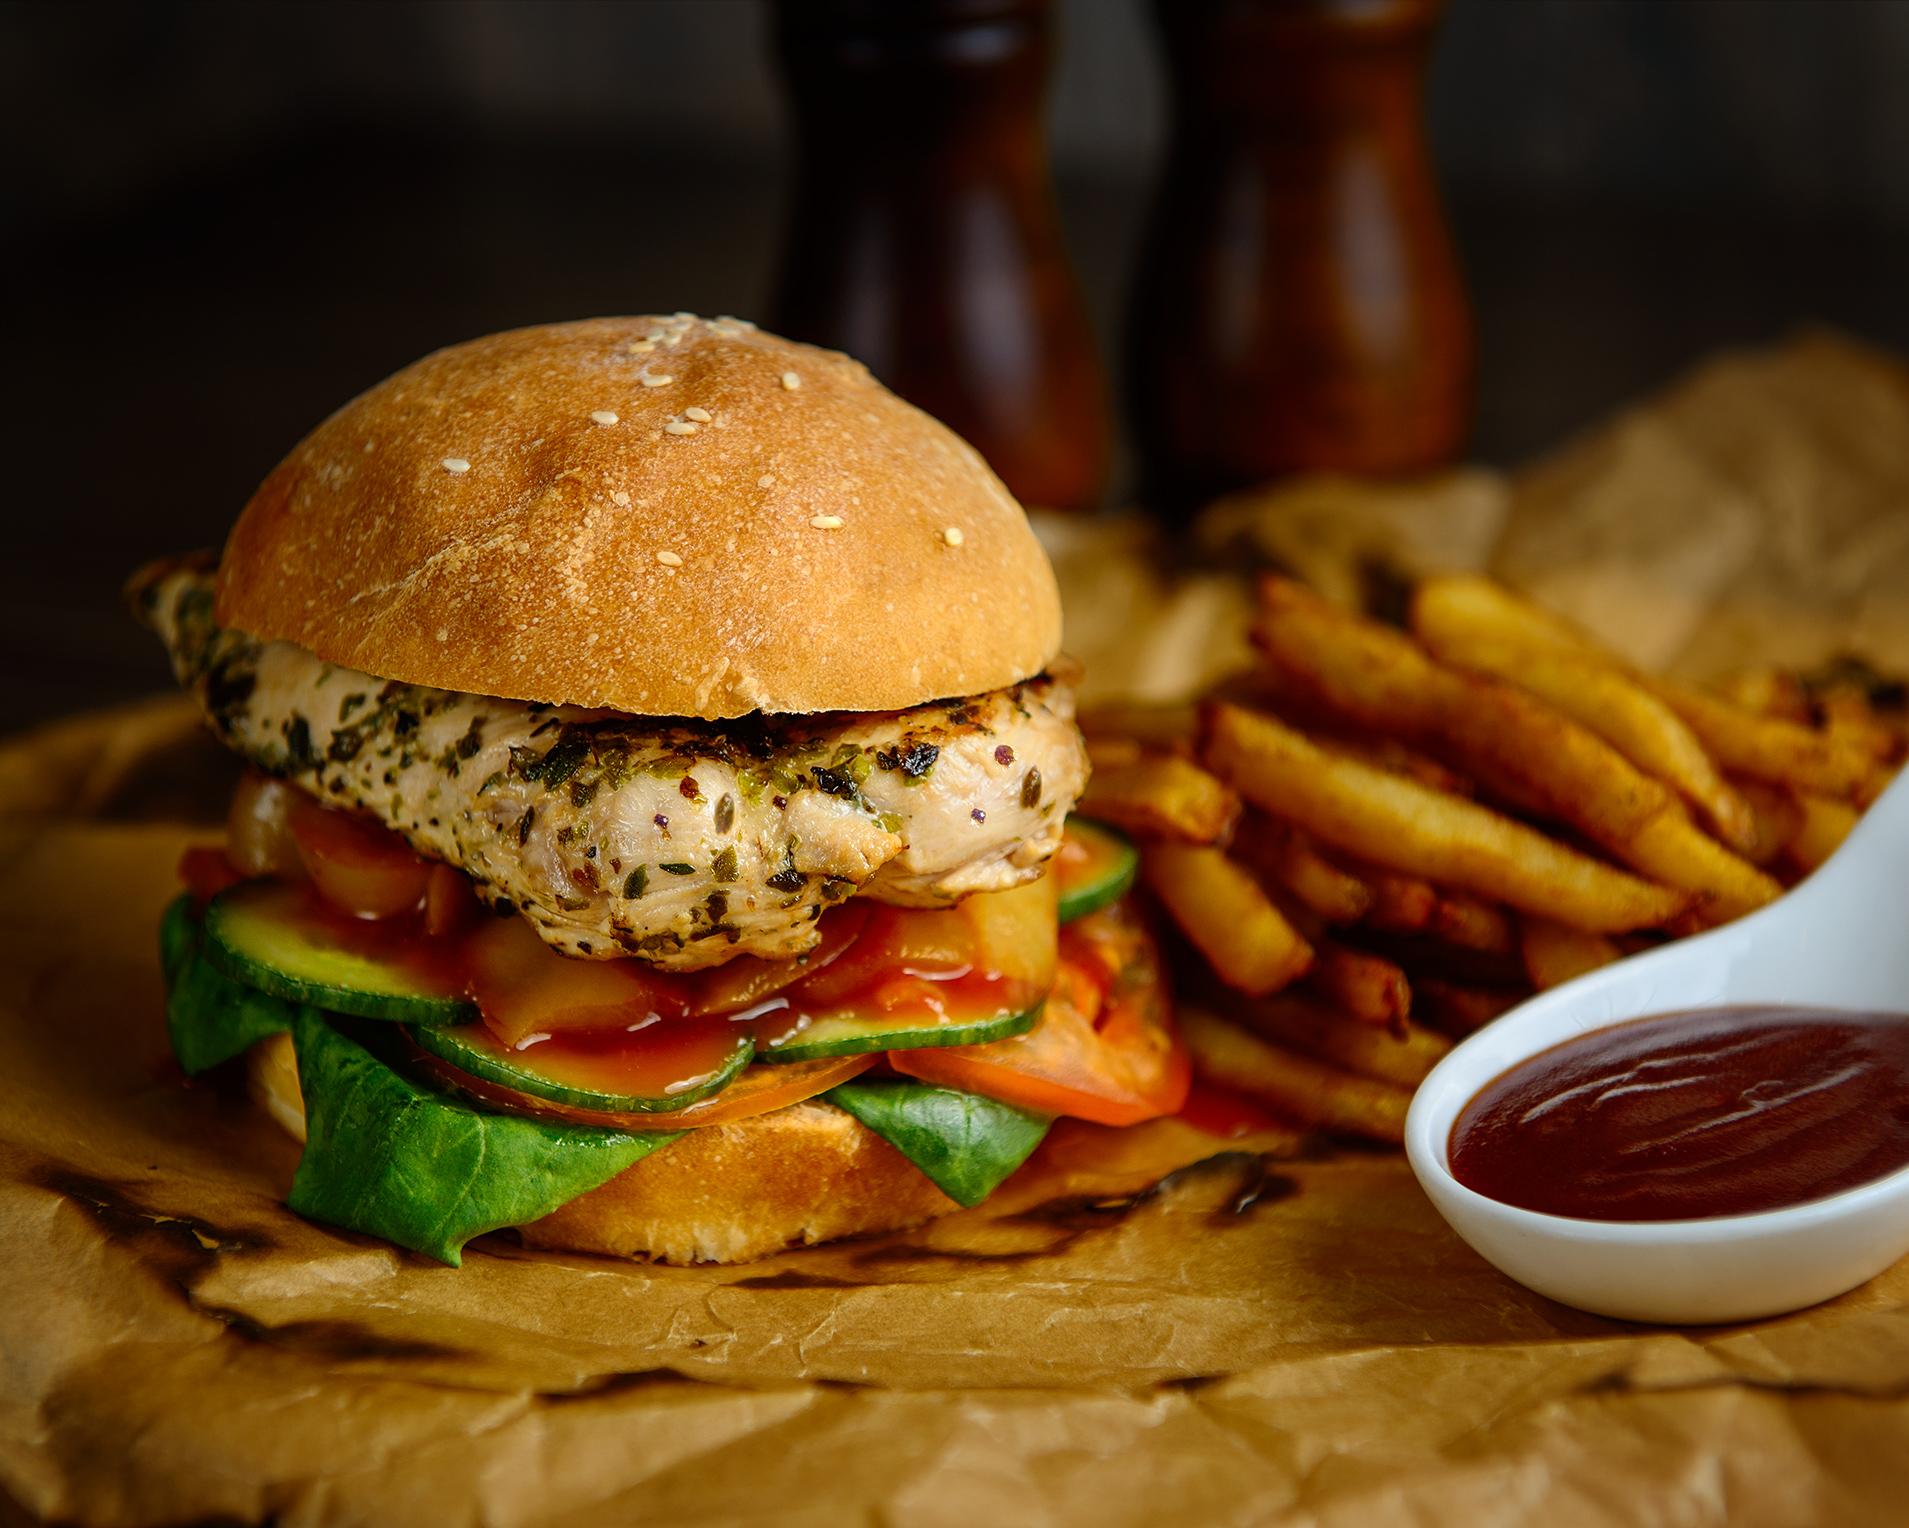 Burger&Crubs_Ulitsa_1905g_Бургер с куриной грудкой, свежими овощами и пикантным соусом